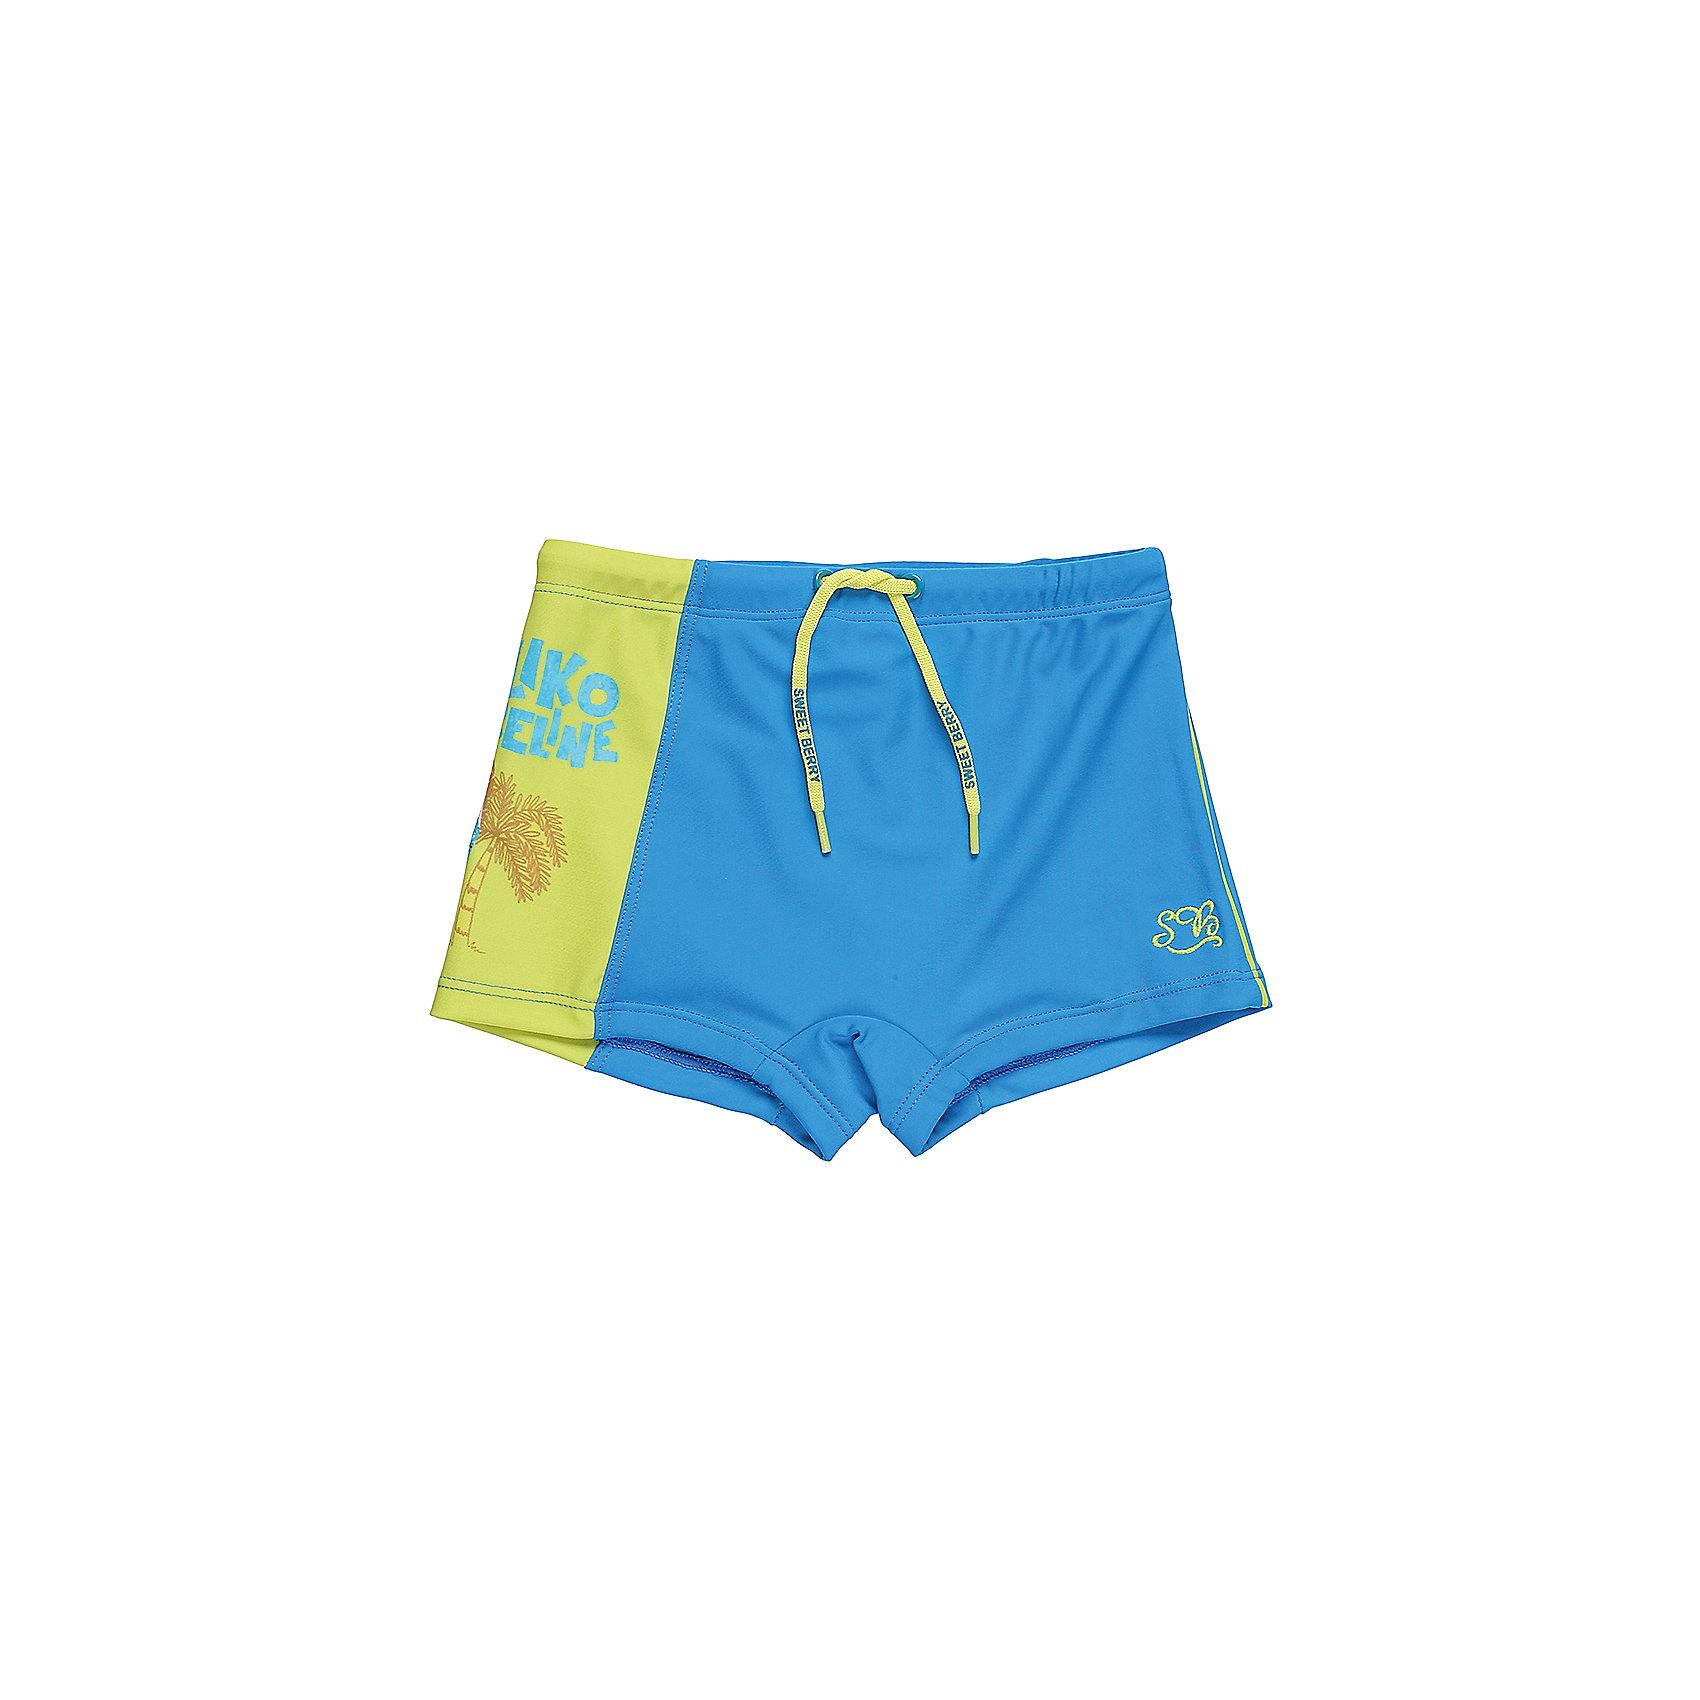 Плавки для мальчика Sweet BerryКупальники и плавки<br>Классические купальные плавки-шорты для мальчика с ярким принтом. Пояс-резинка дополнен шнуром для регулирования объема.<br>Состав:<br>85%нейлон 15% эластан<br><br>Ширина мм: 183<br>Глубина мм: 60<br>Высота мм: 135<br>Вес г: 119<br>Цвет: голубой<br>Возраст от месяцев: 36<br>Возраст до месяцев: 48<br>Пол: Мужской<br>Возраст: Детский<br>Размер: 104,92,98,110,116,122<br>SKU: 5411445